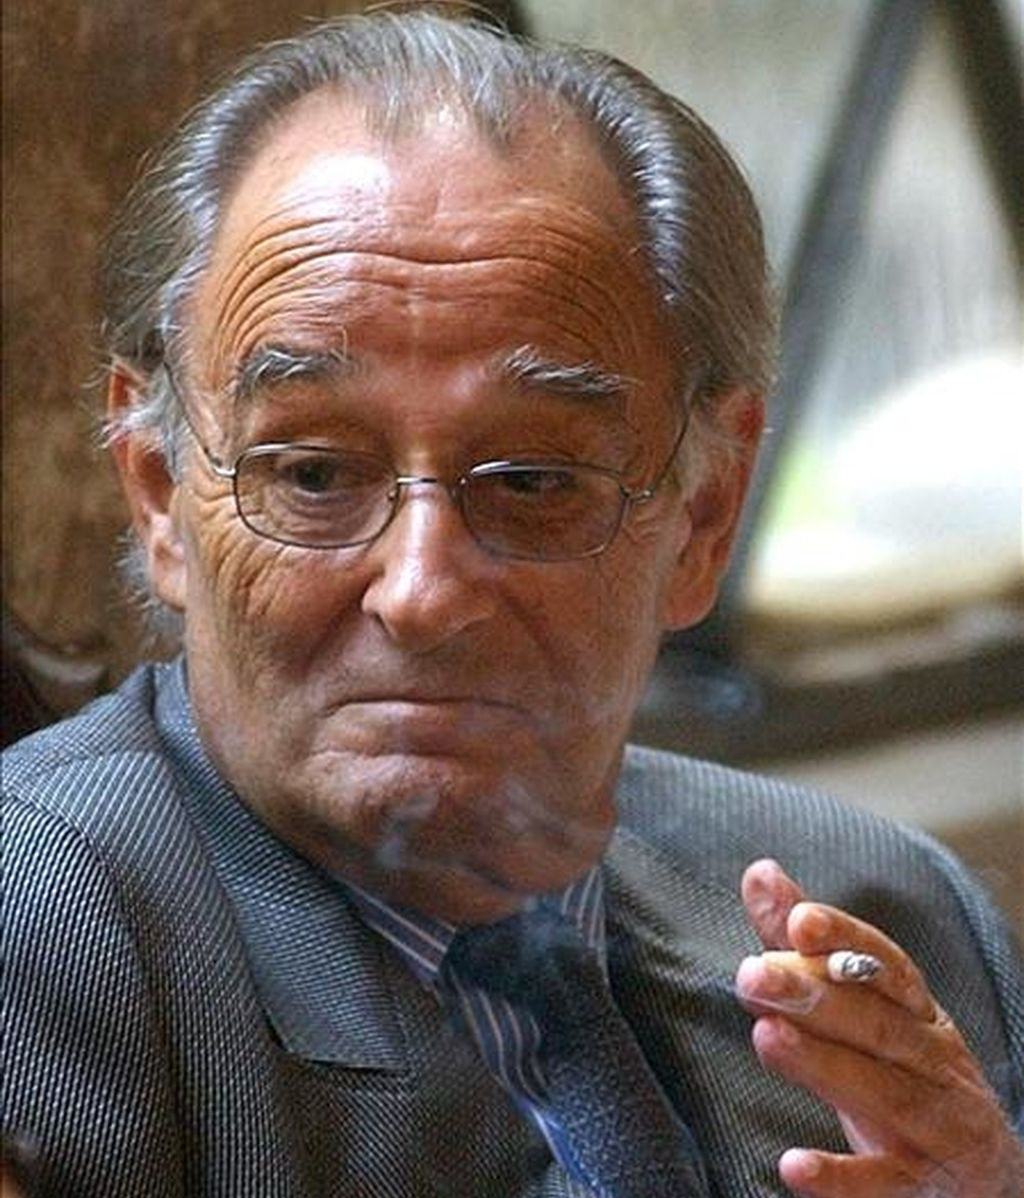 El ex juez Lluis Pascual Estevill, condenado a 9 años de prisión por delitos de cohecho y prevaricación y a quien se le ha revocado el régimen abierto que le otorgara la Generalitat. EFE/Archivo